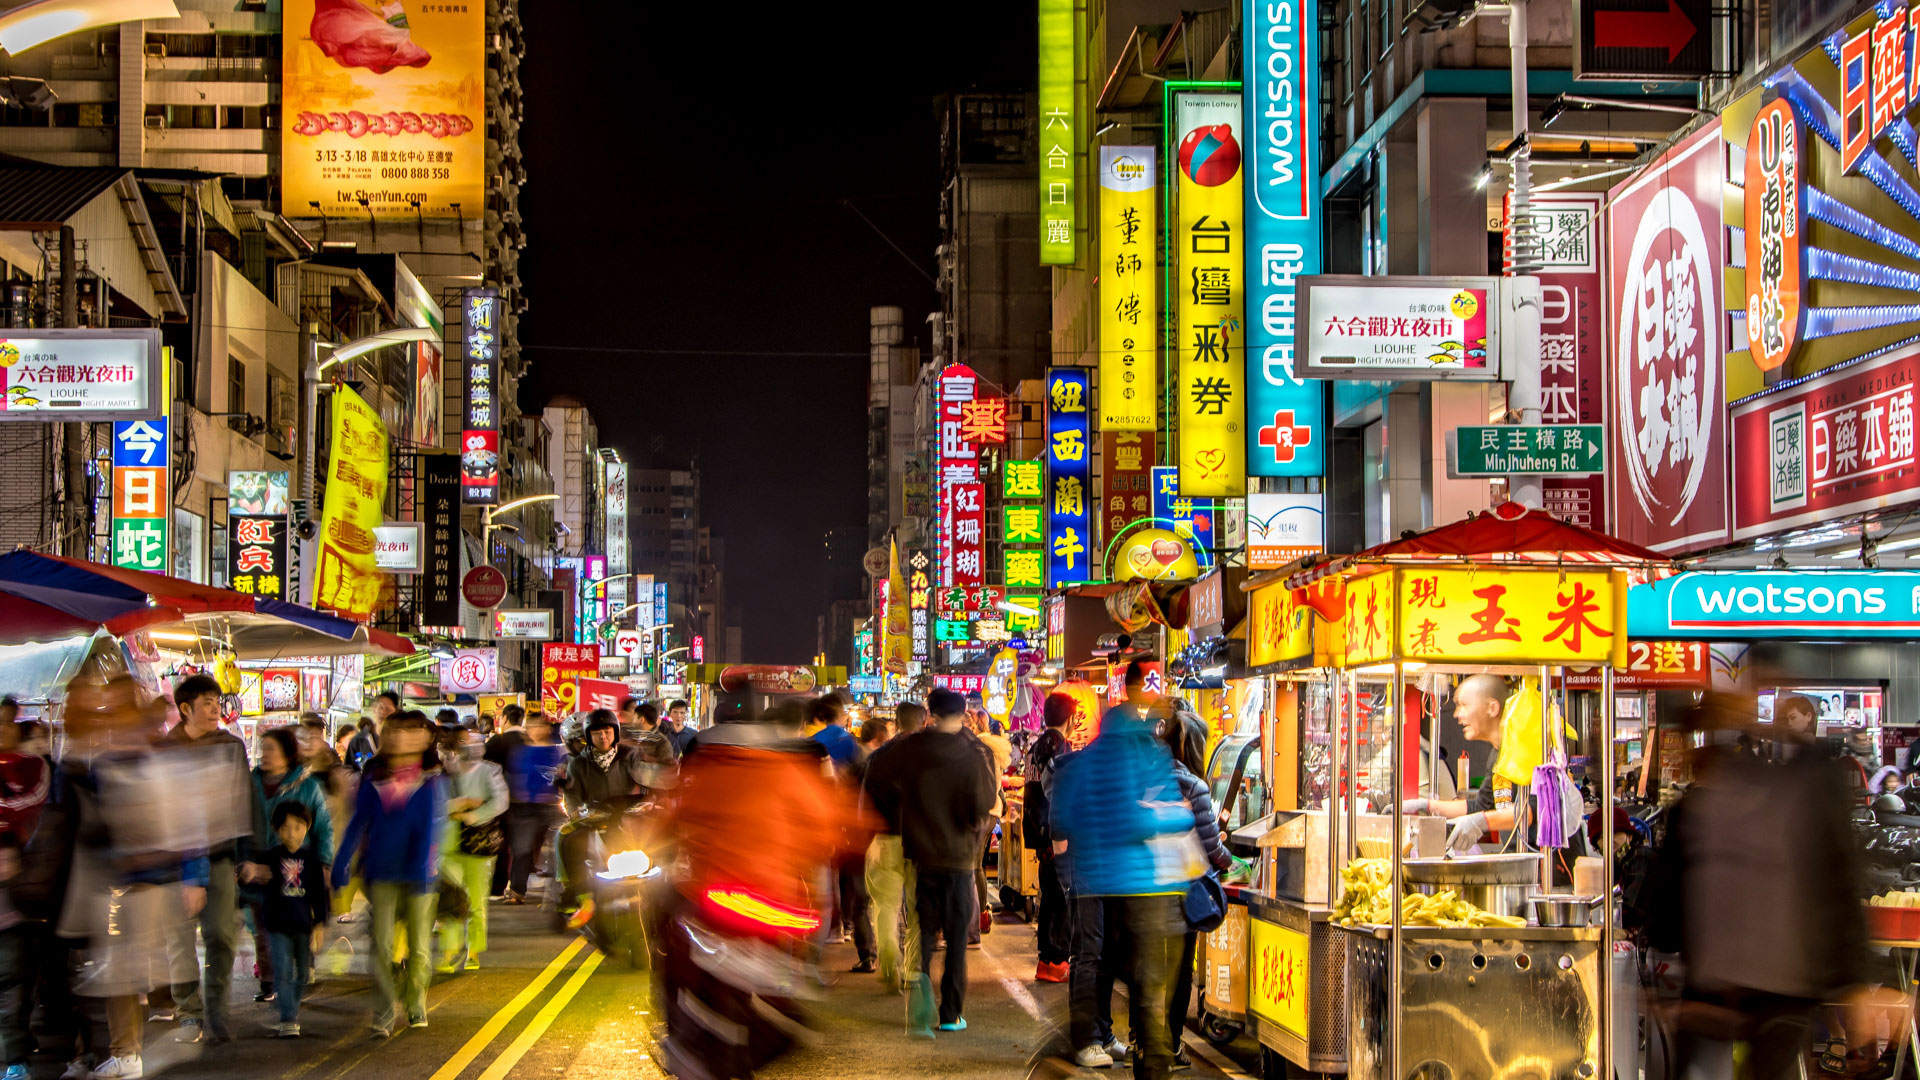 【台湾・高雄旅】高雄最大の観光夜市『六合夜市』で現地人おすすめの水餃子を食らう